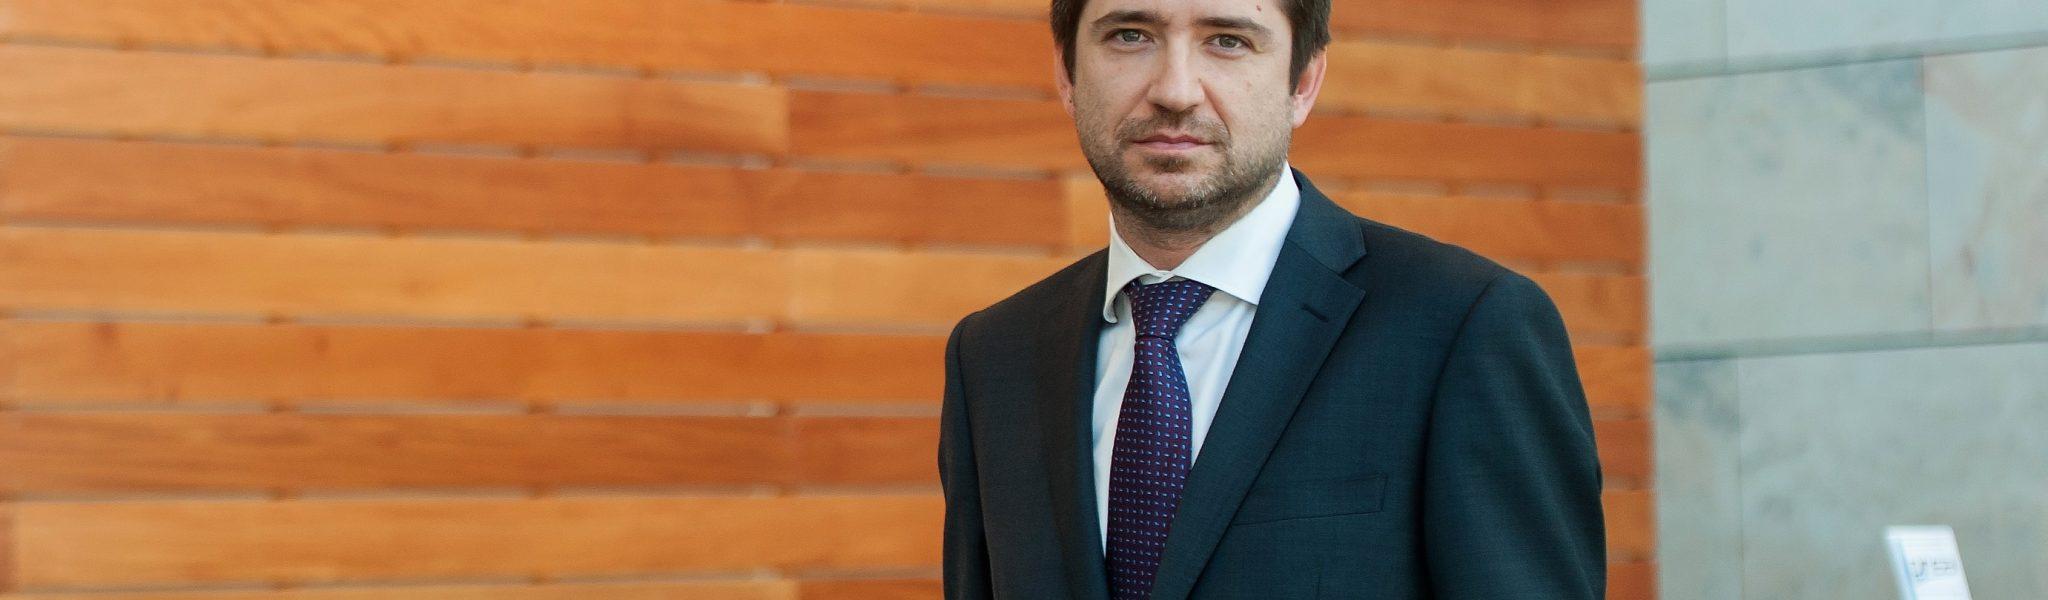 HP semeia mobilidade e digitalização no mercado empresarial